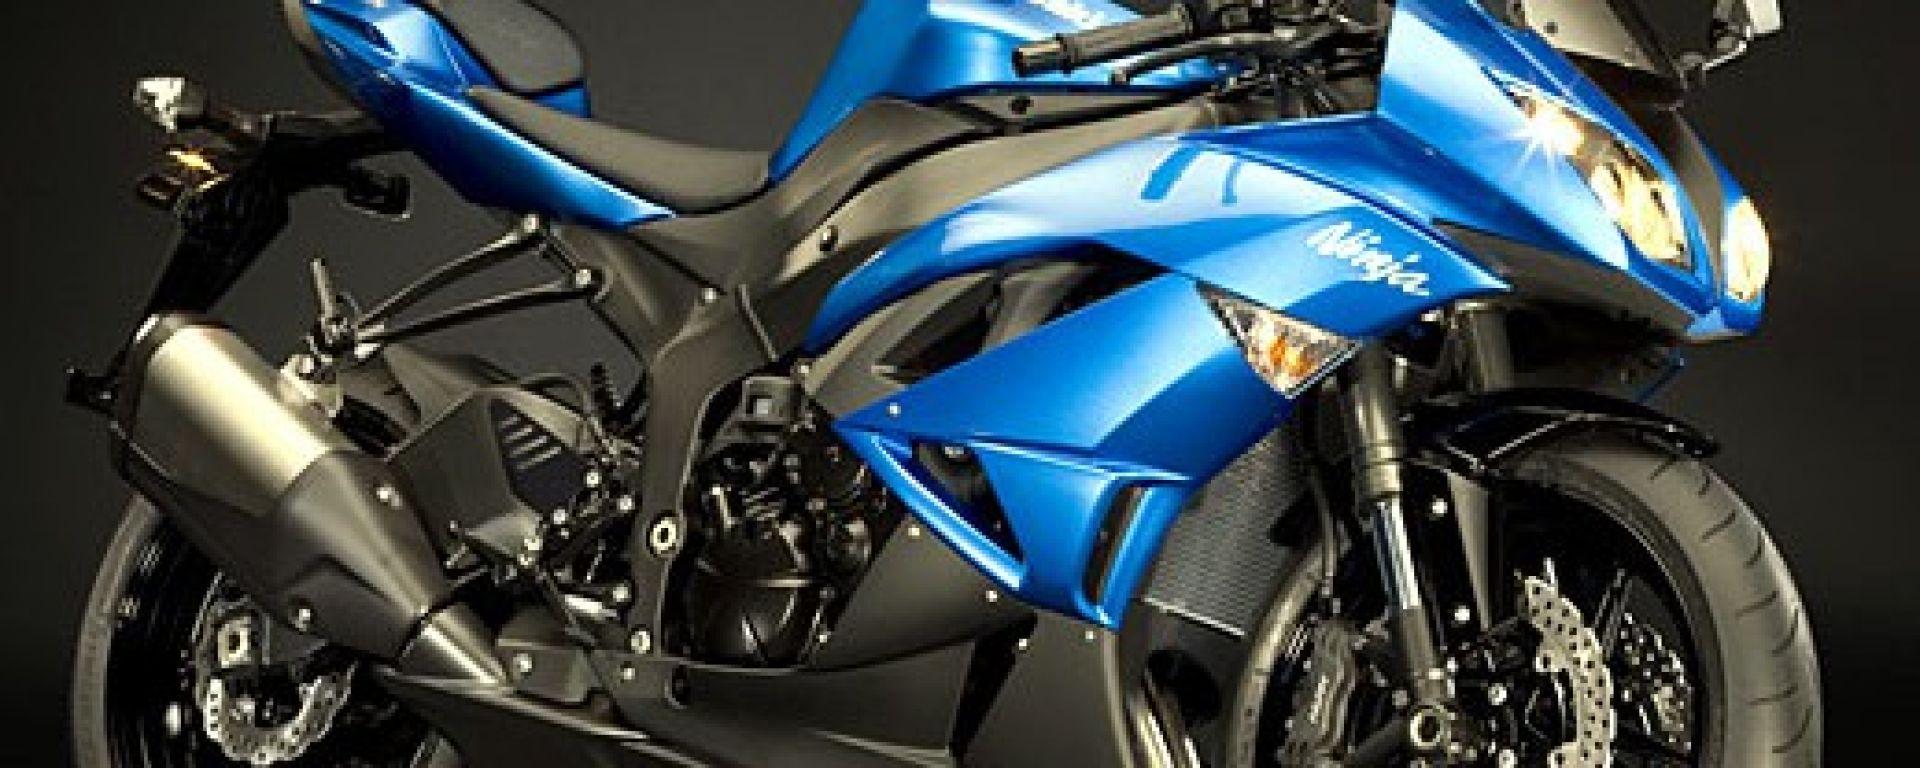 Kawasaki Ninja ZX-6R 2009